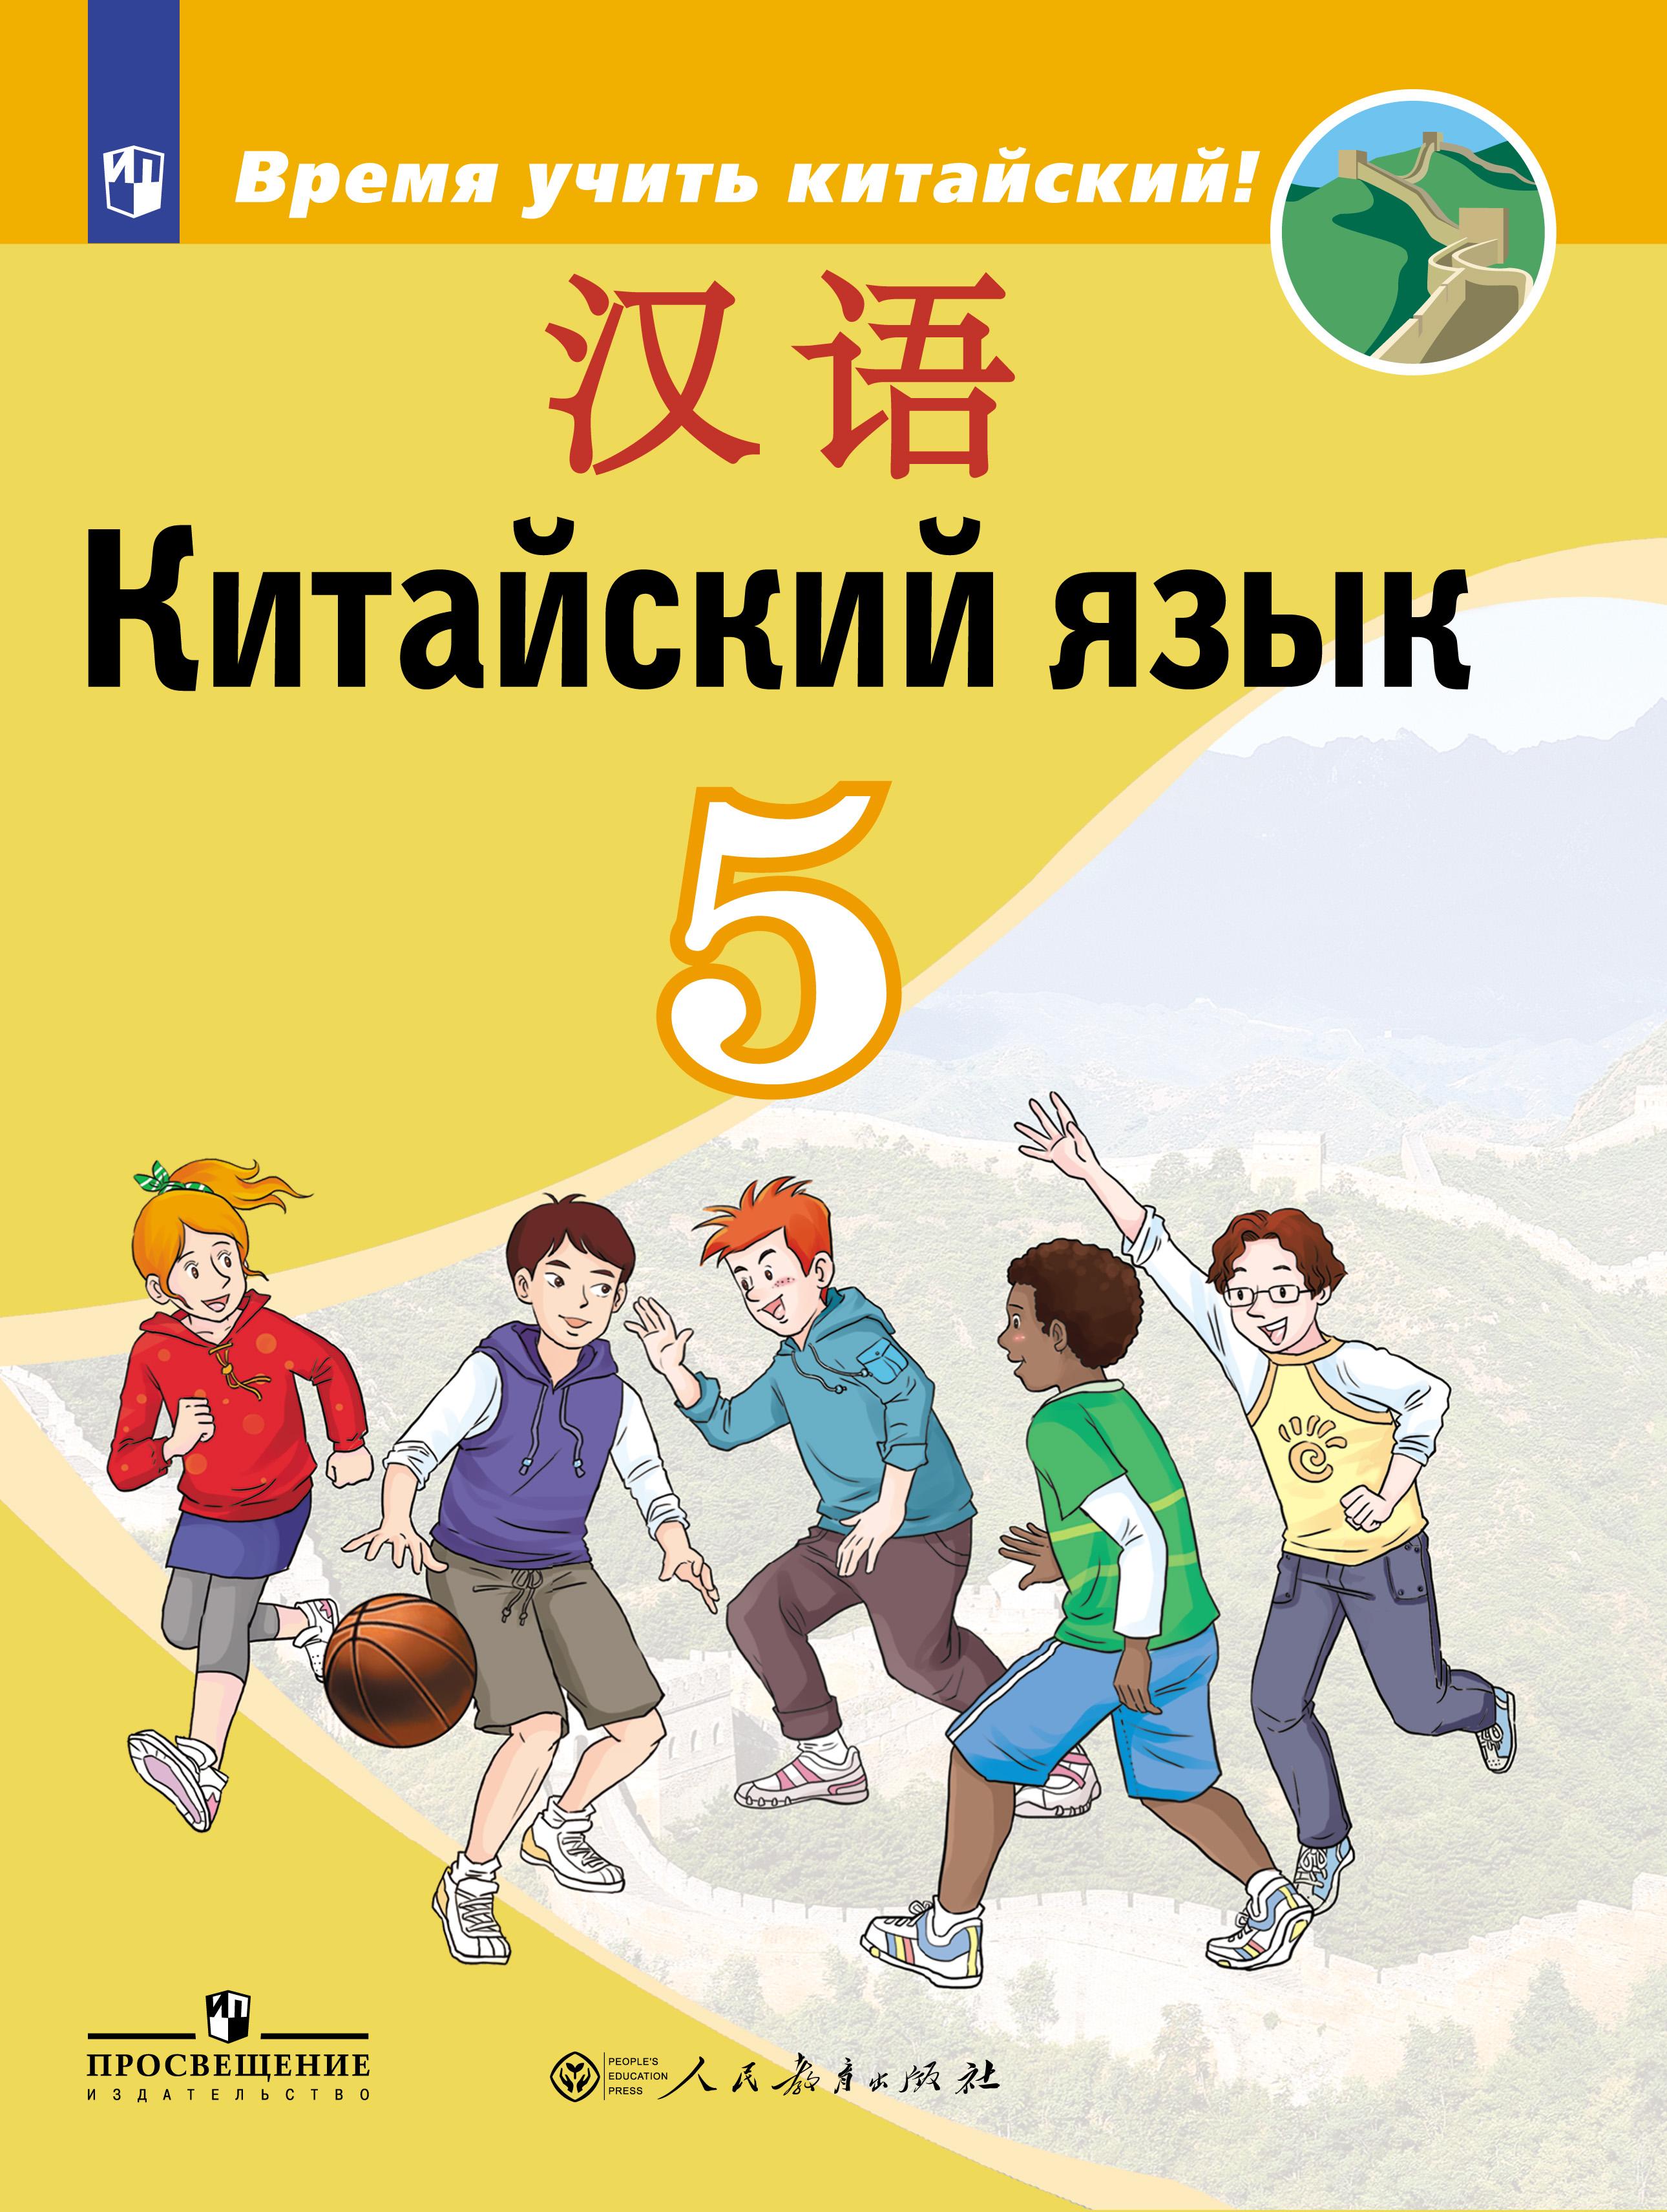 Китайский язык. Второй иностранный язык. 5 класс: учебник для общеобразоват. организаций